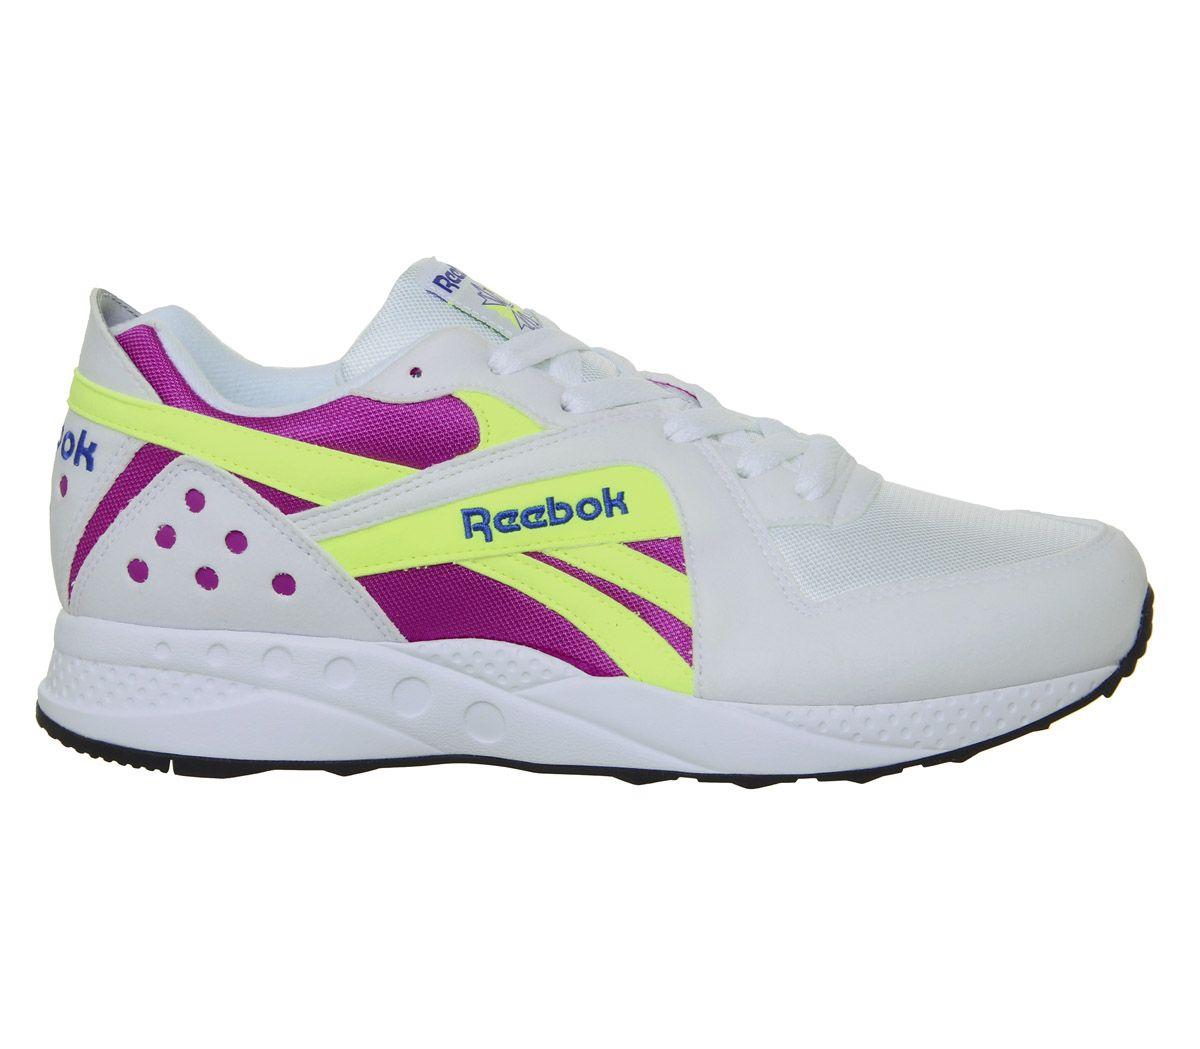 Détails sur Reebok Pyro Pour Homme Baskets Blanc Vicious Violet Jaune Néon Baskets Chaussures afficher le titre d'origine